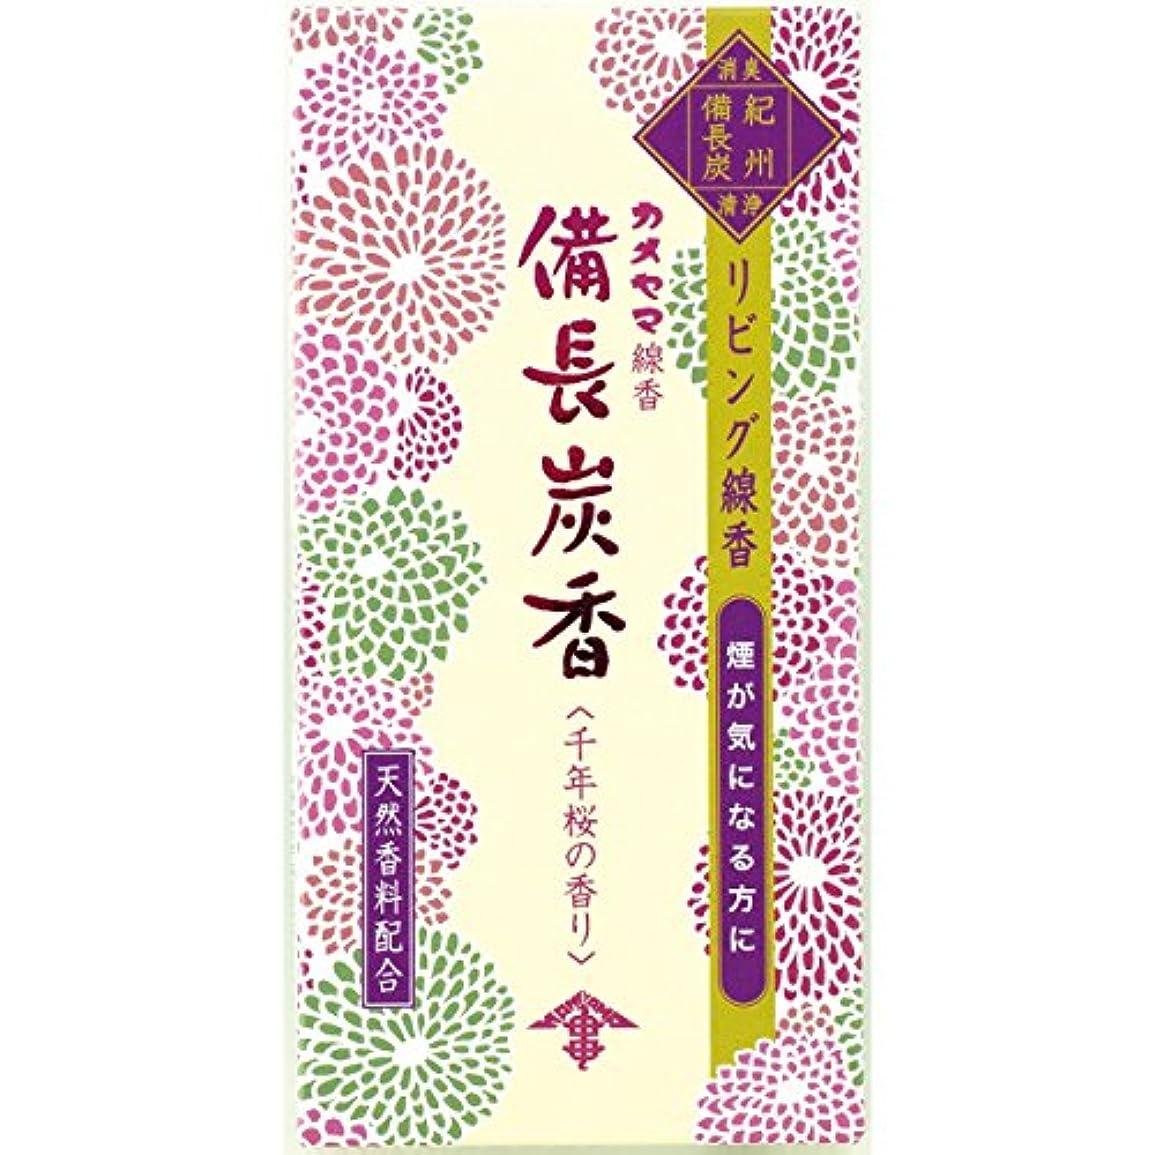 ベット腹部メトロポリタン花げしき 備長炭香 千年桜の香り